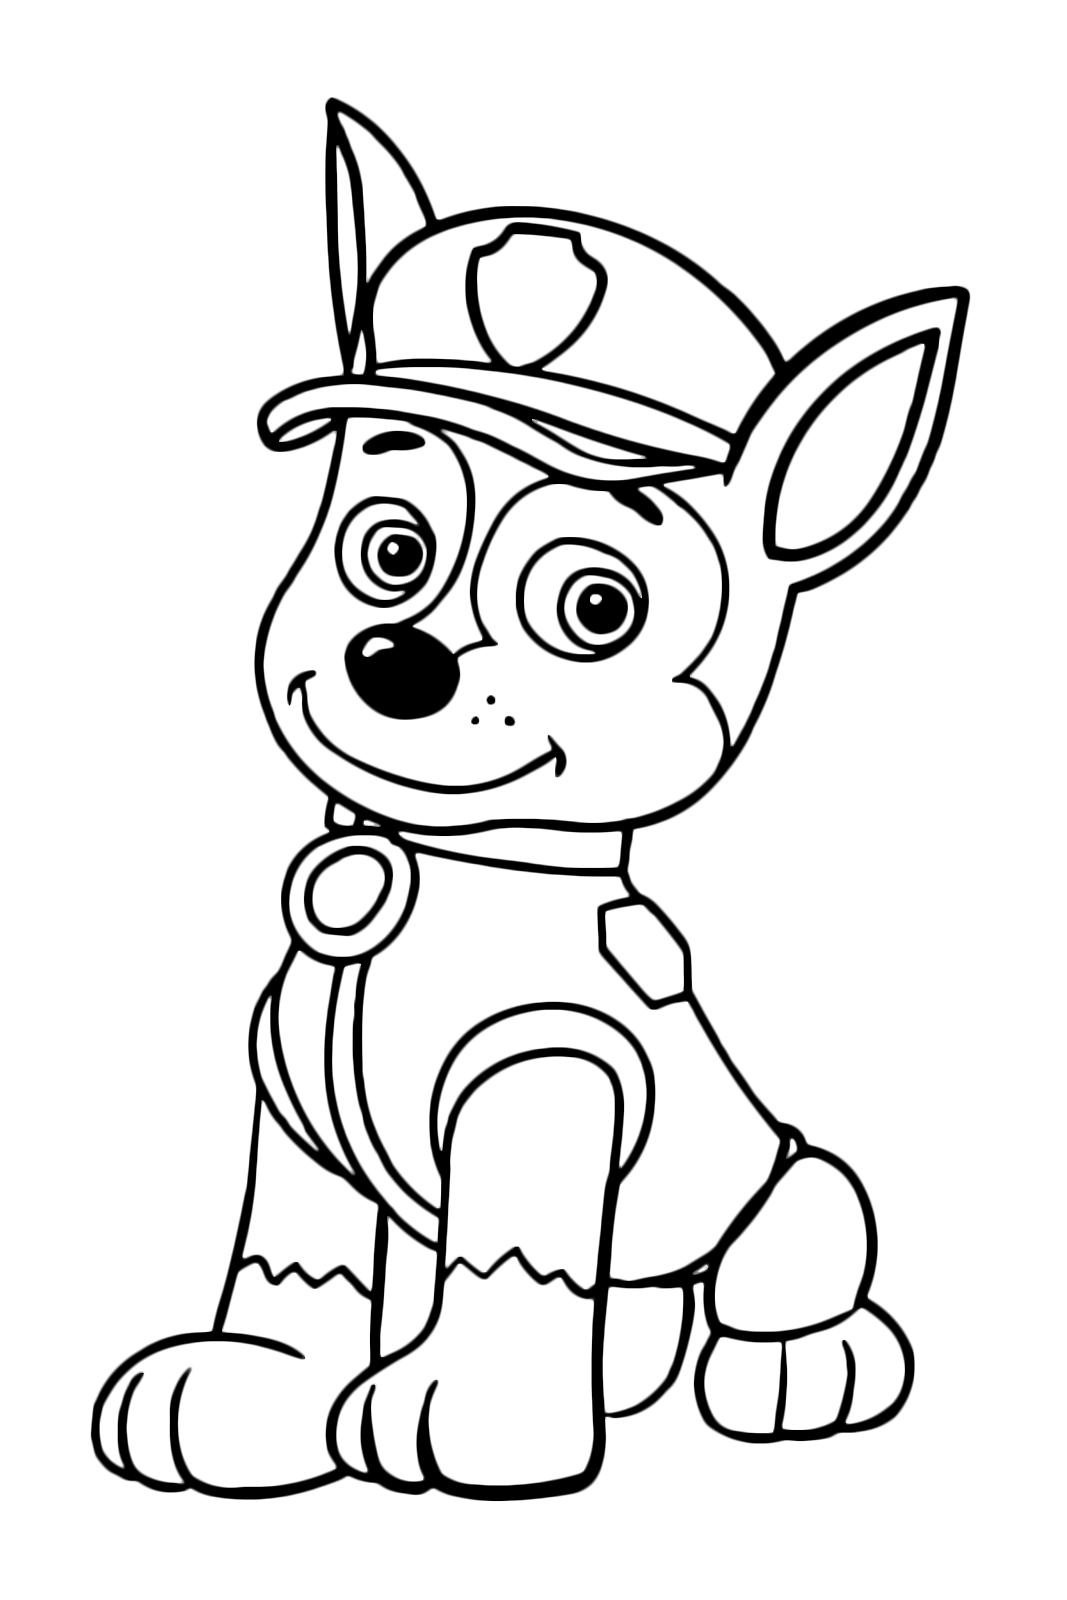 Paw patrol chase il cane poliziotto si riposa seduto for Disegni da colorare paw patrol